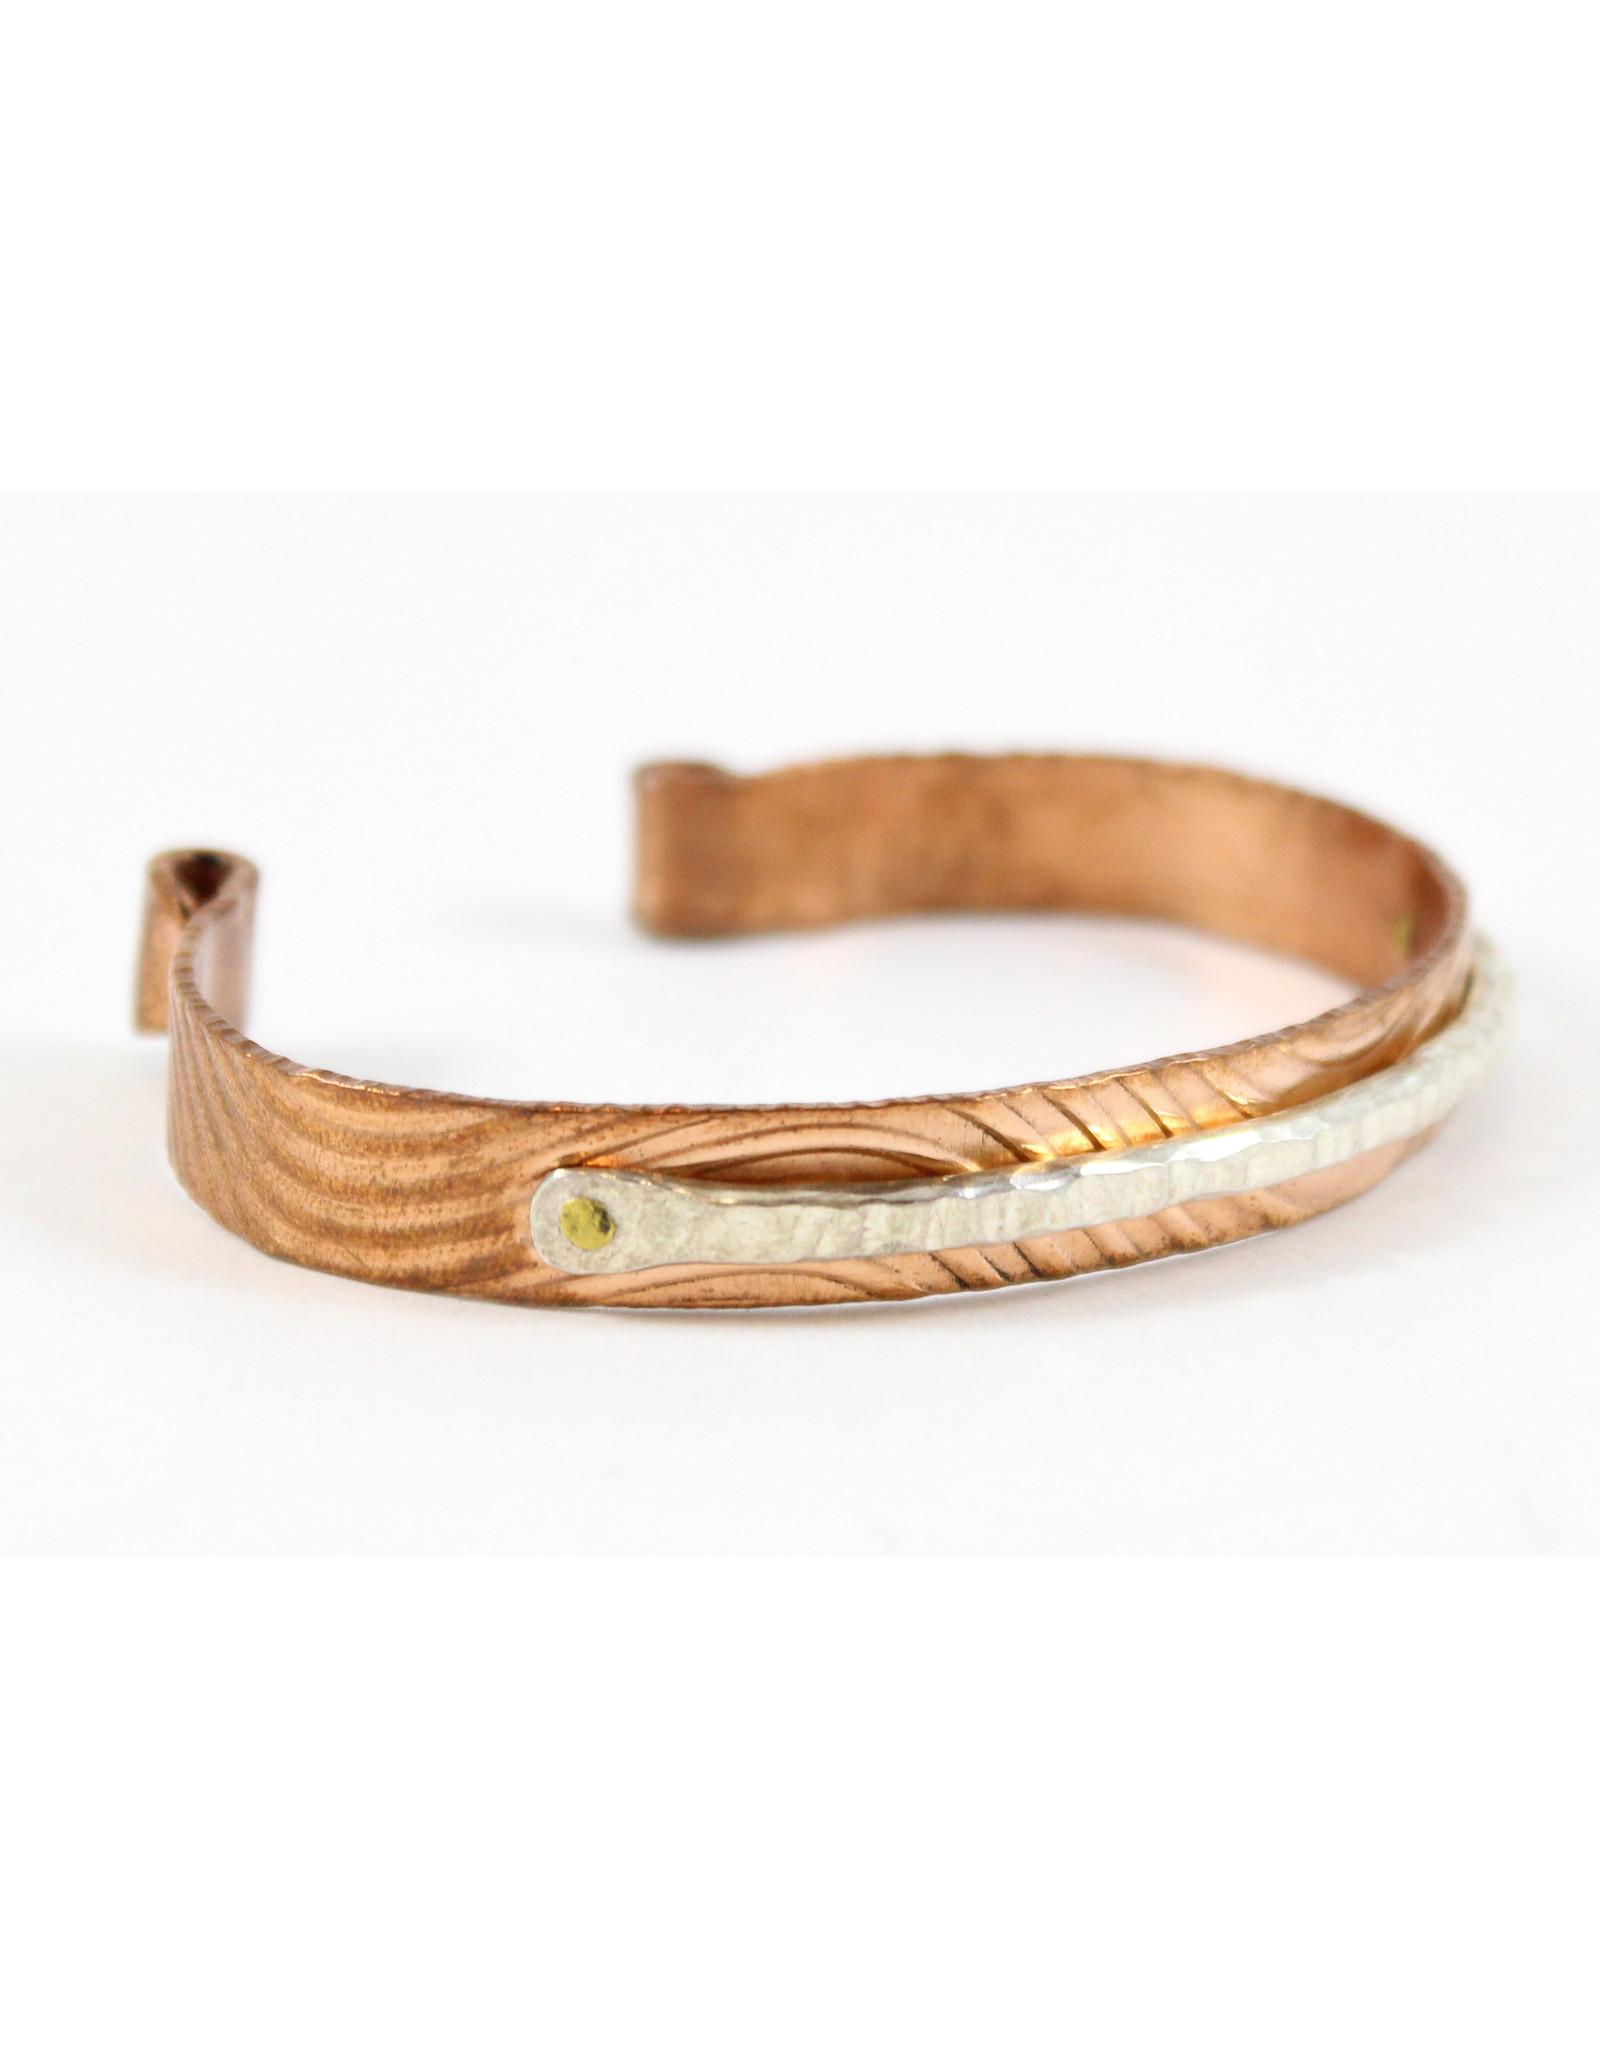 Karen Wawer Wave Cuff Bracelet by Karen Wawer